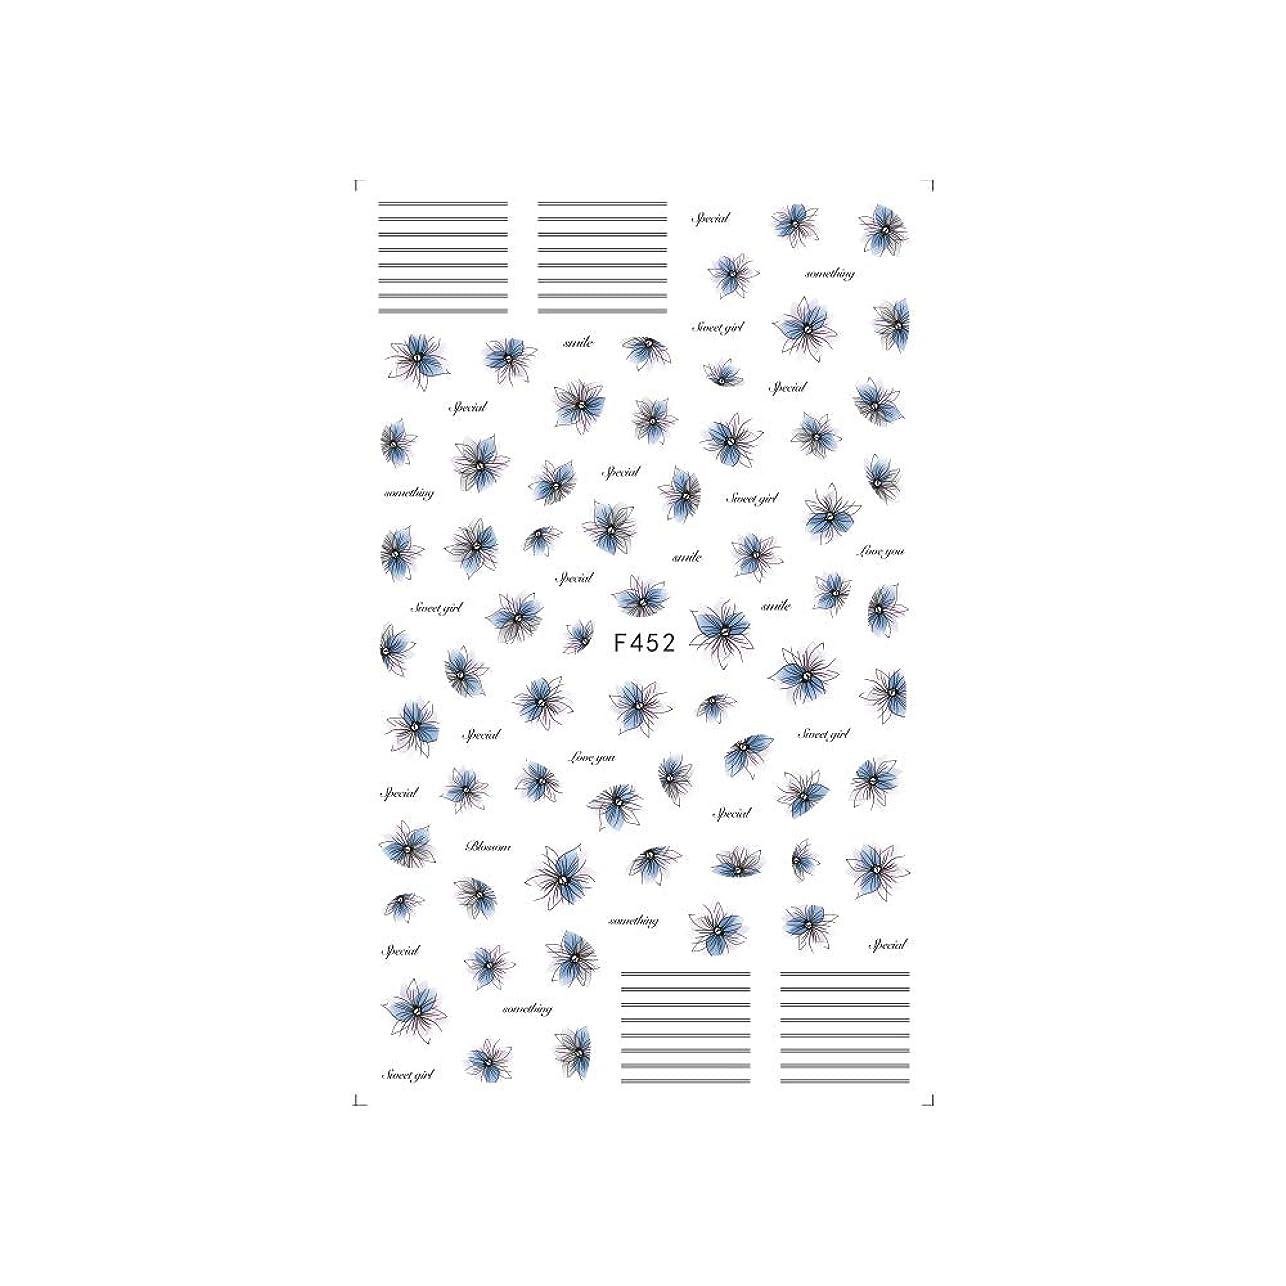 床義務付けられたガムirogel イロジェル ネイルシール ラインブロッサムシール 【F452】フラワー ライン シック ニュアンス